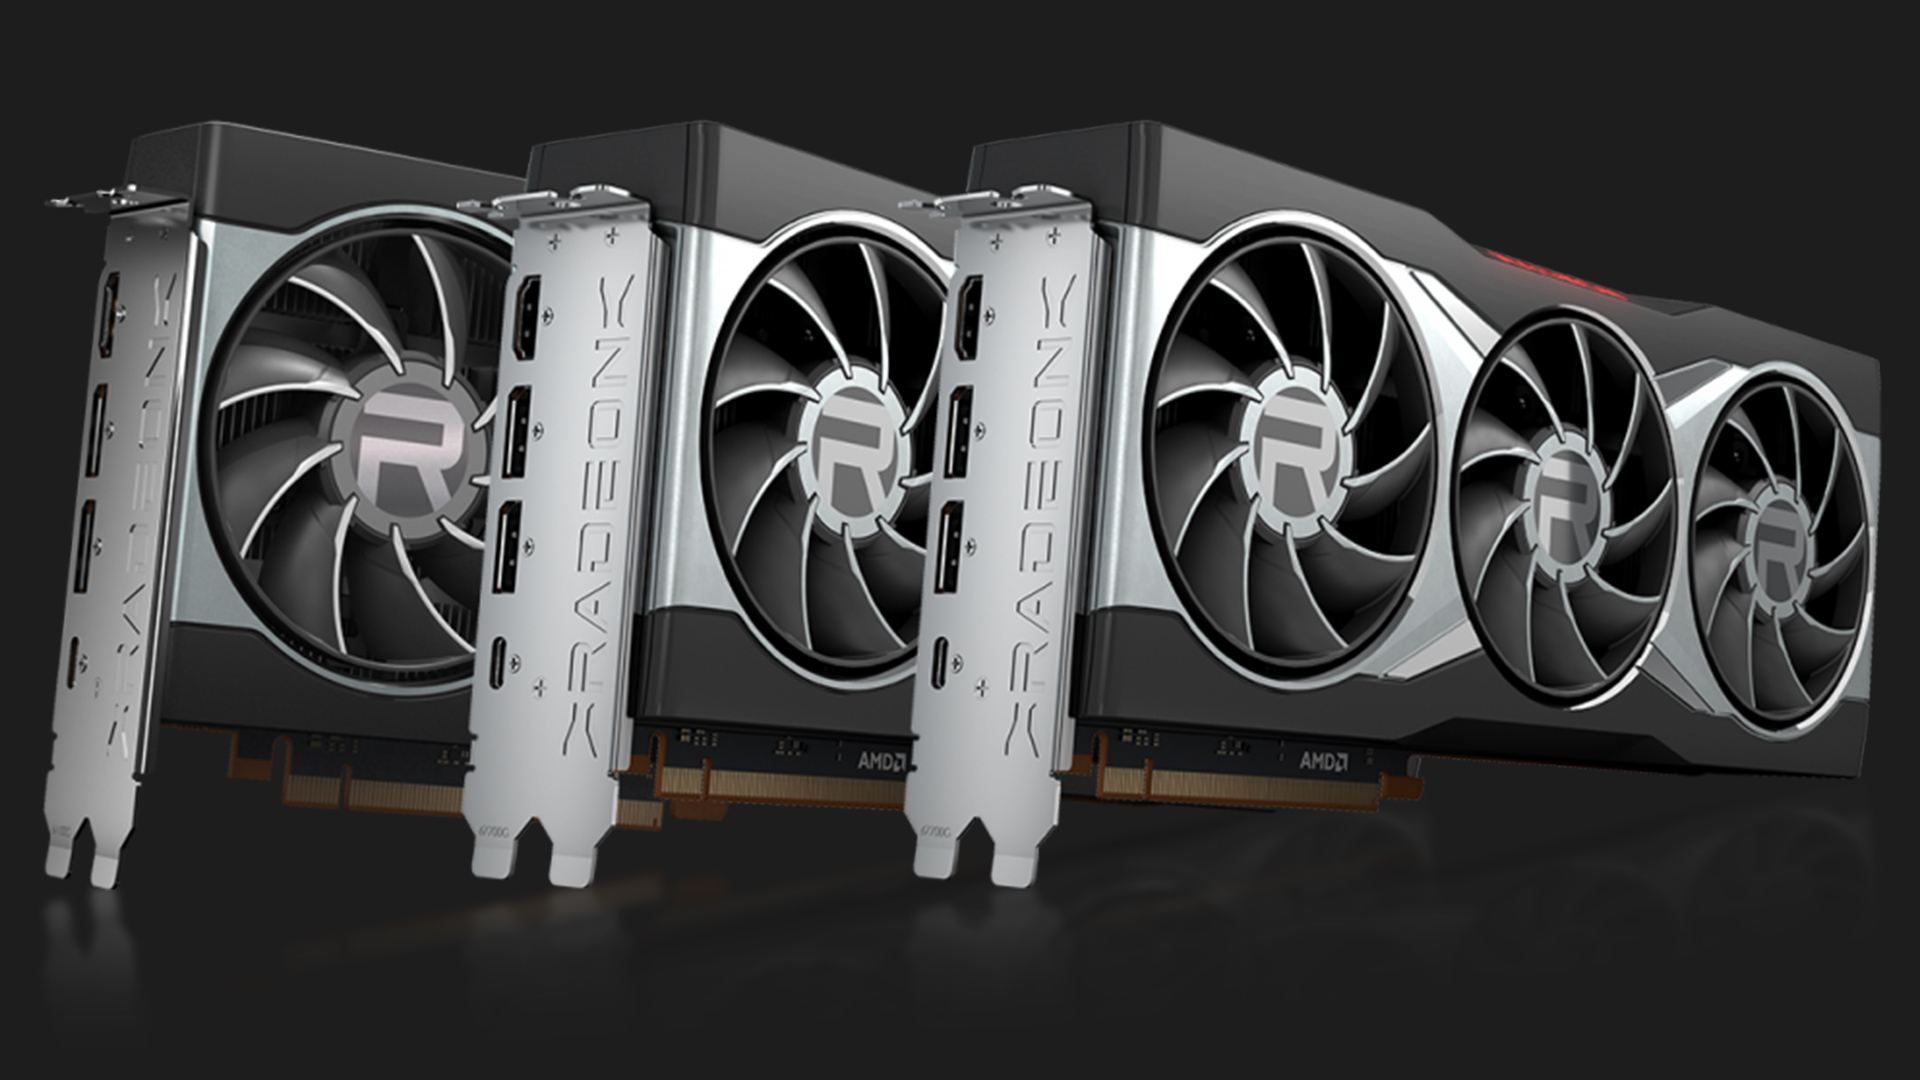 AMD Radeon 6000 Series 3 GPUs. Image: AMD.